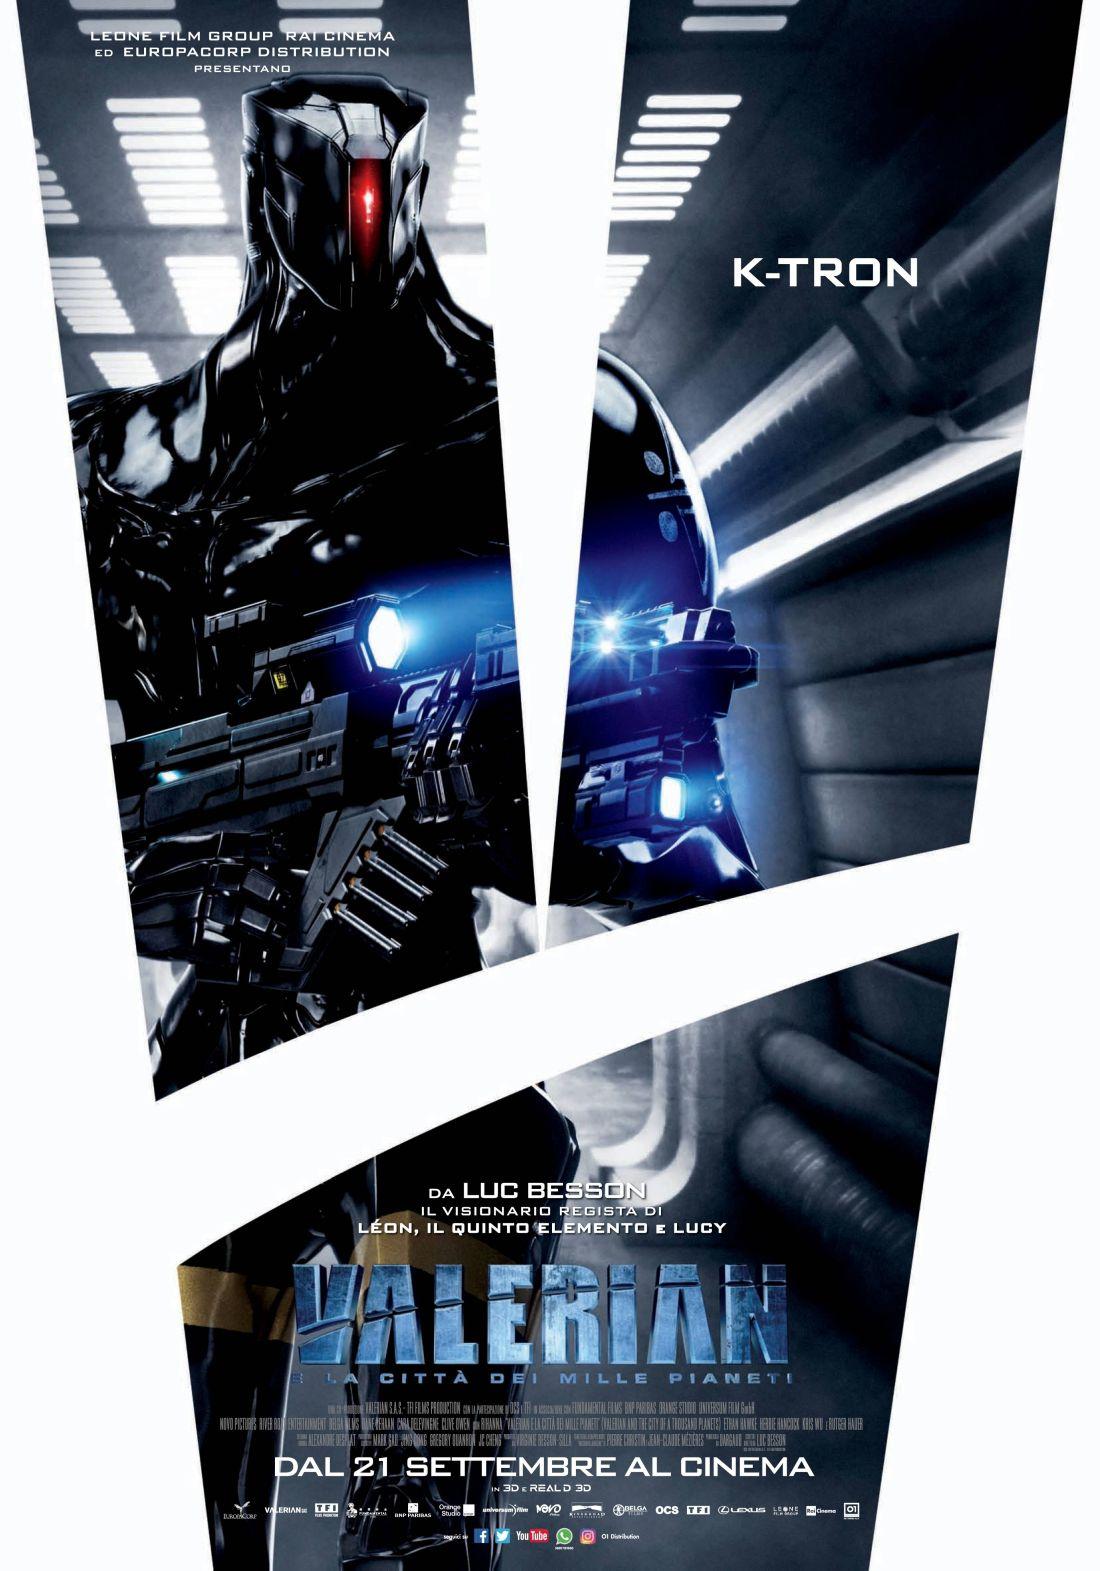 Valerian e la città dei mille pianeti: il character poster dedicato a K-Tron